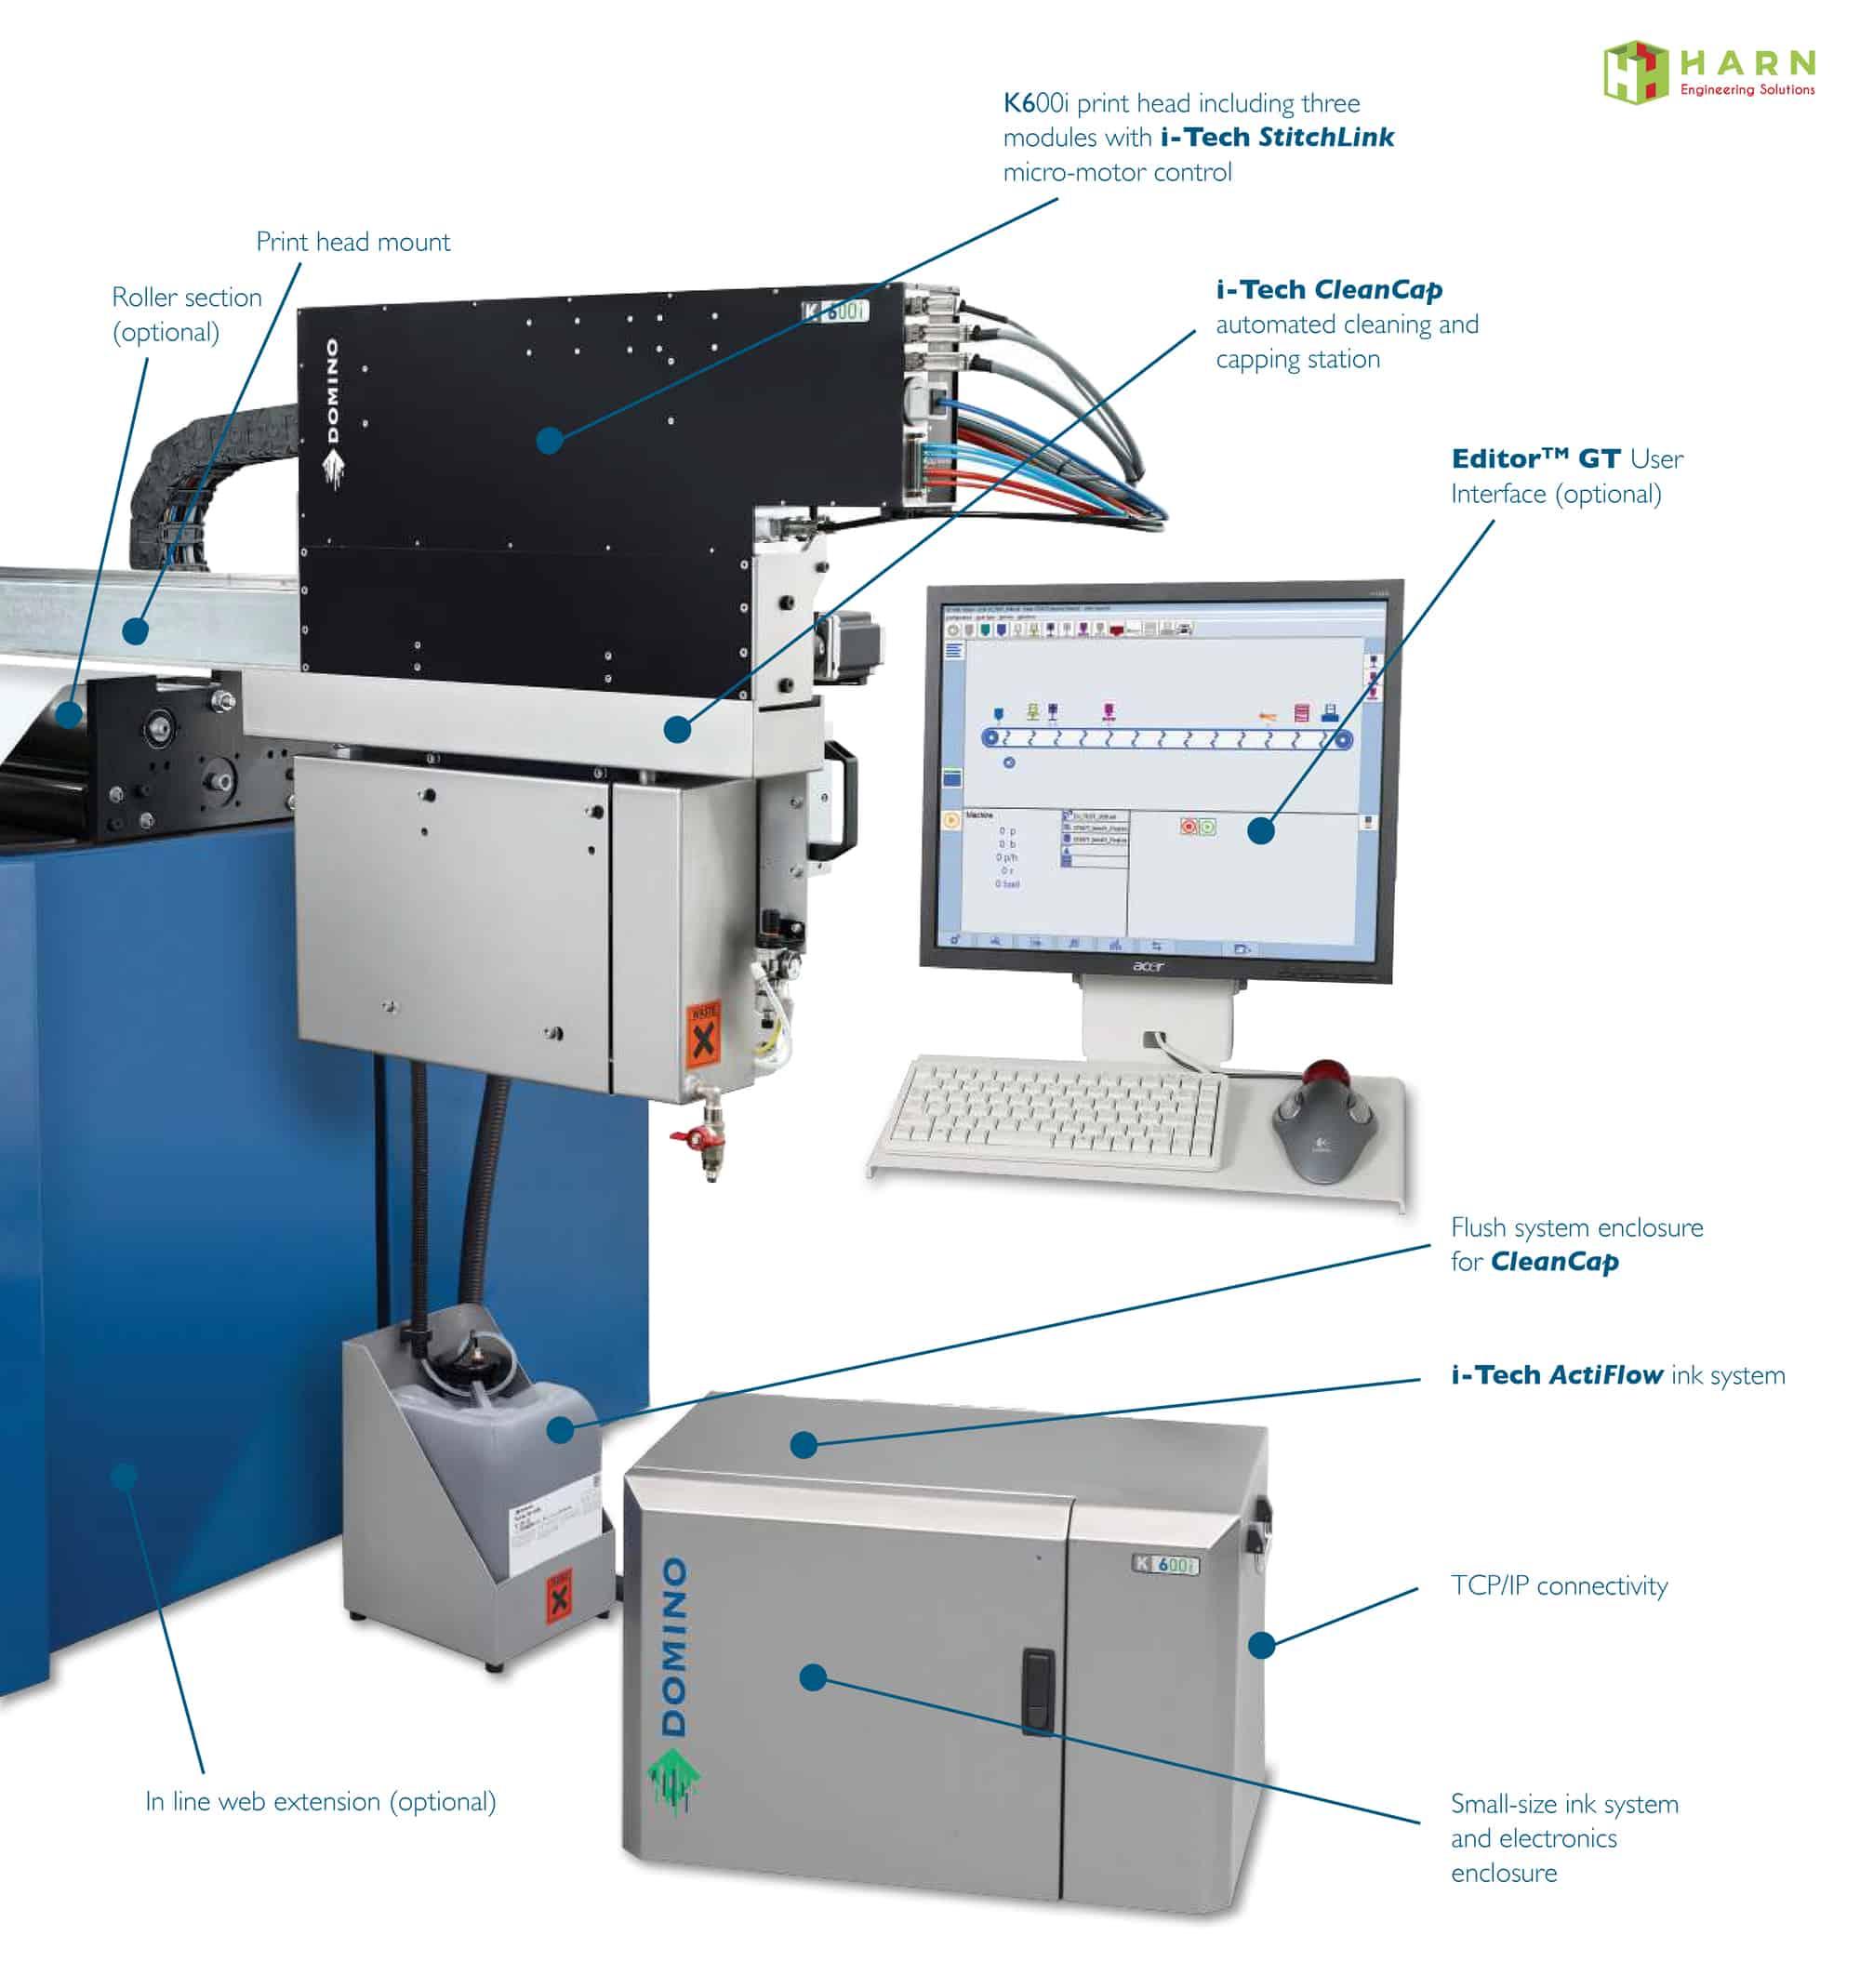 K600i-ink-jet-printer